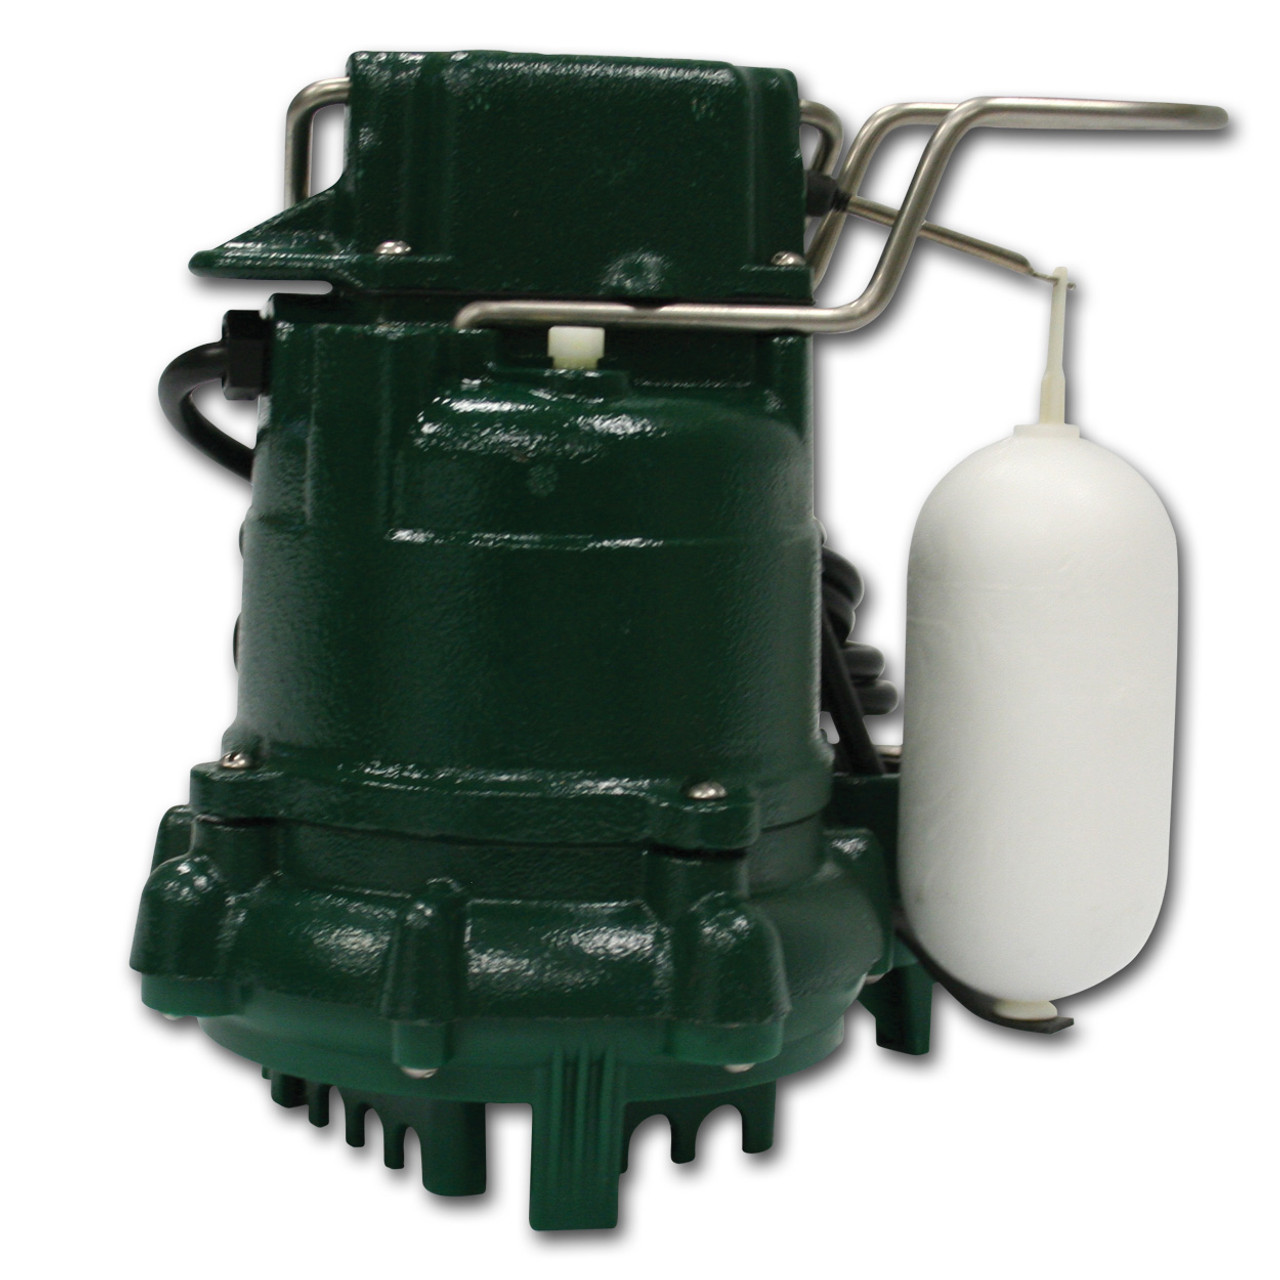 Zoeller Model 53 Sump Pump